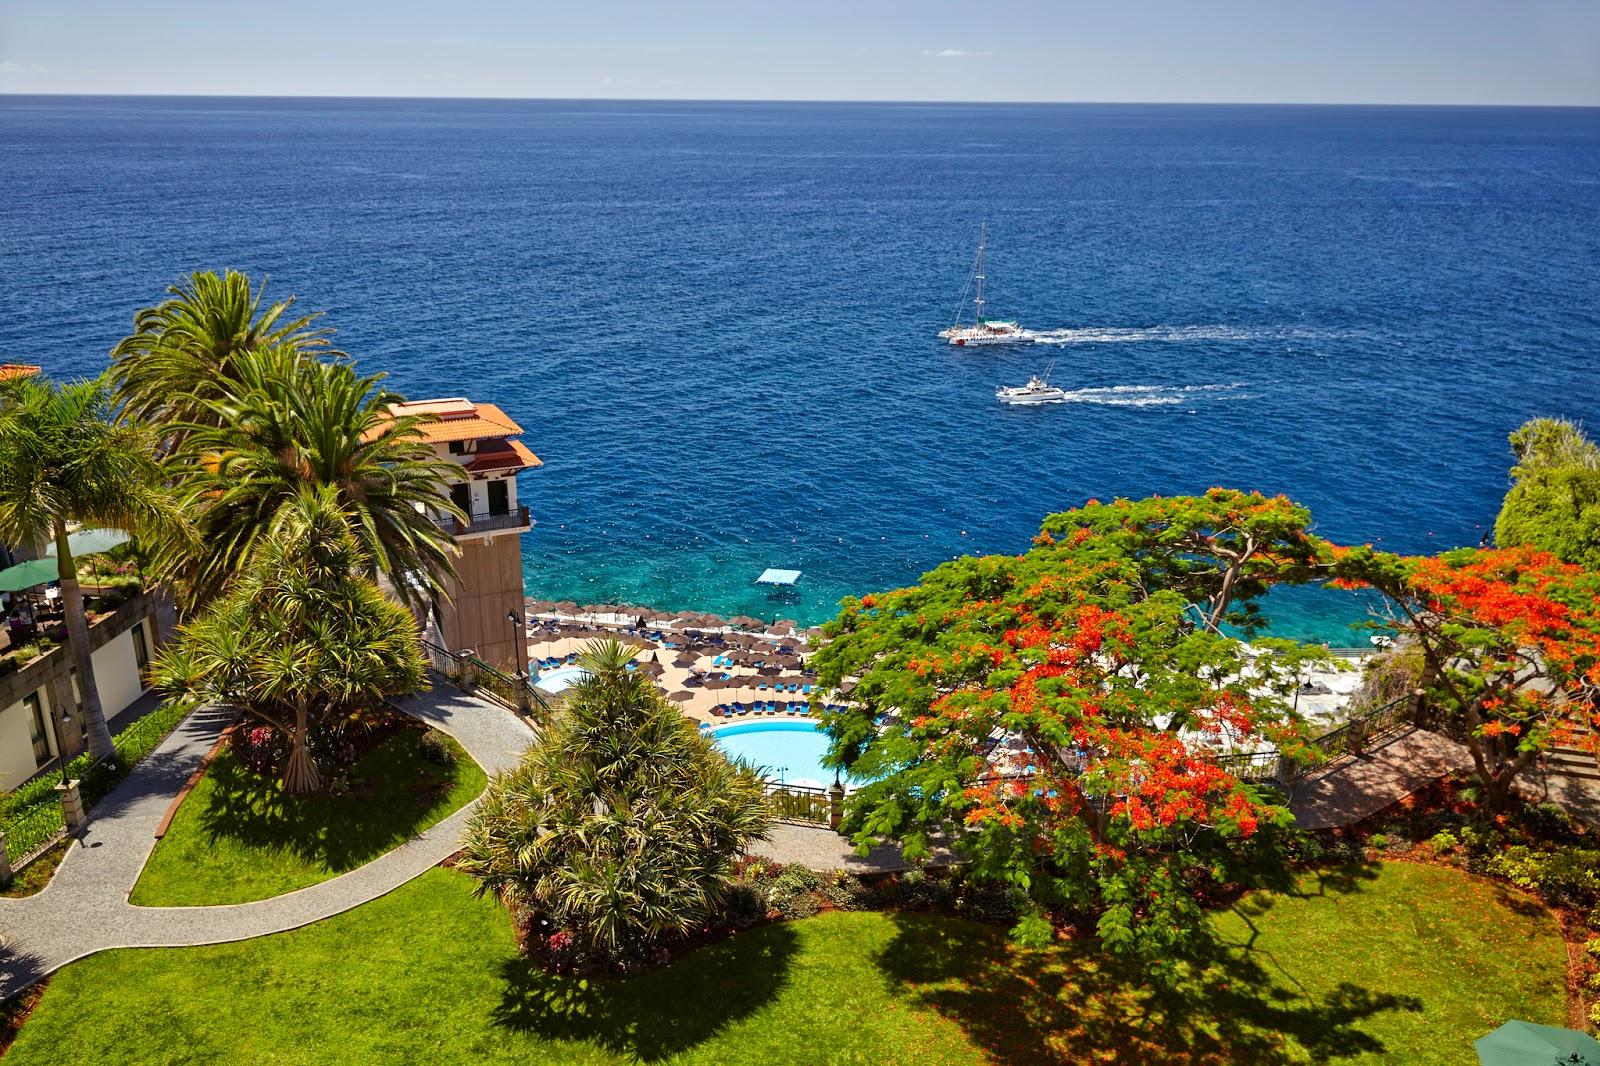 Reservar en Ora Ofertas - Ristoranti, Viaggi, Voli, B & B e Hotel